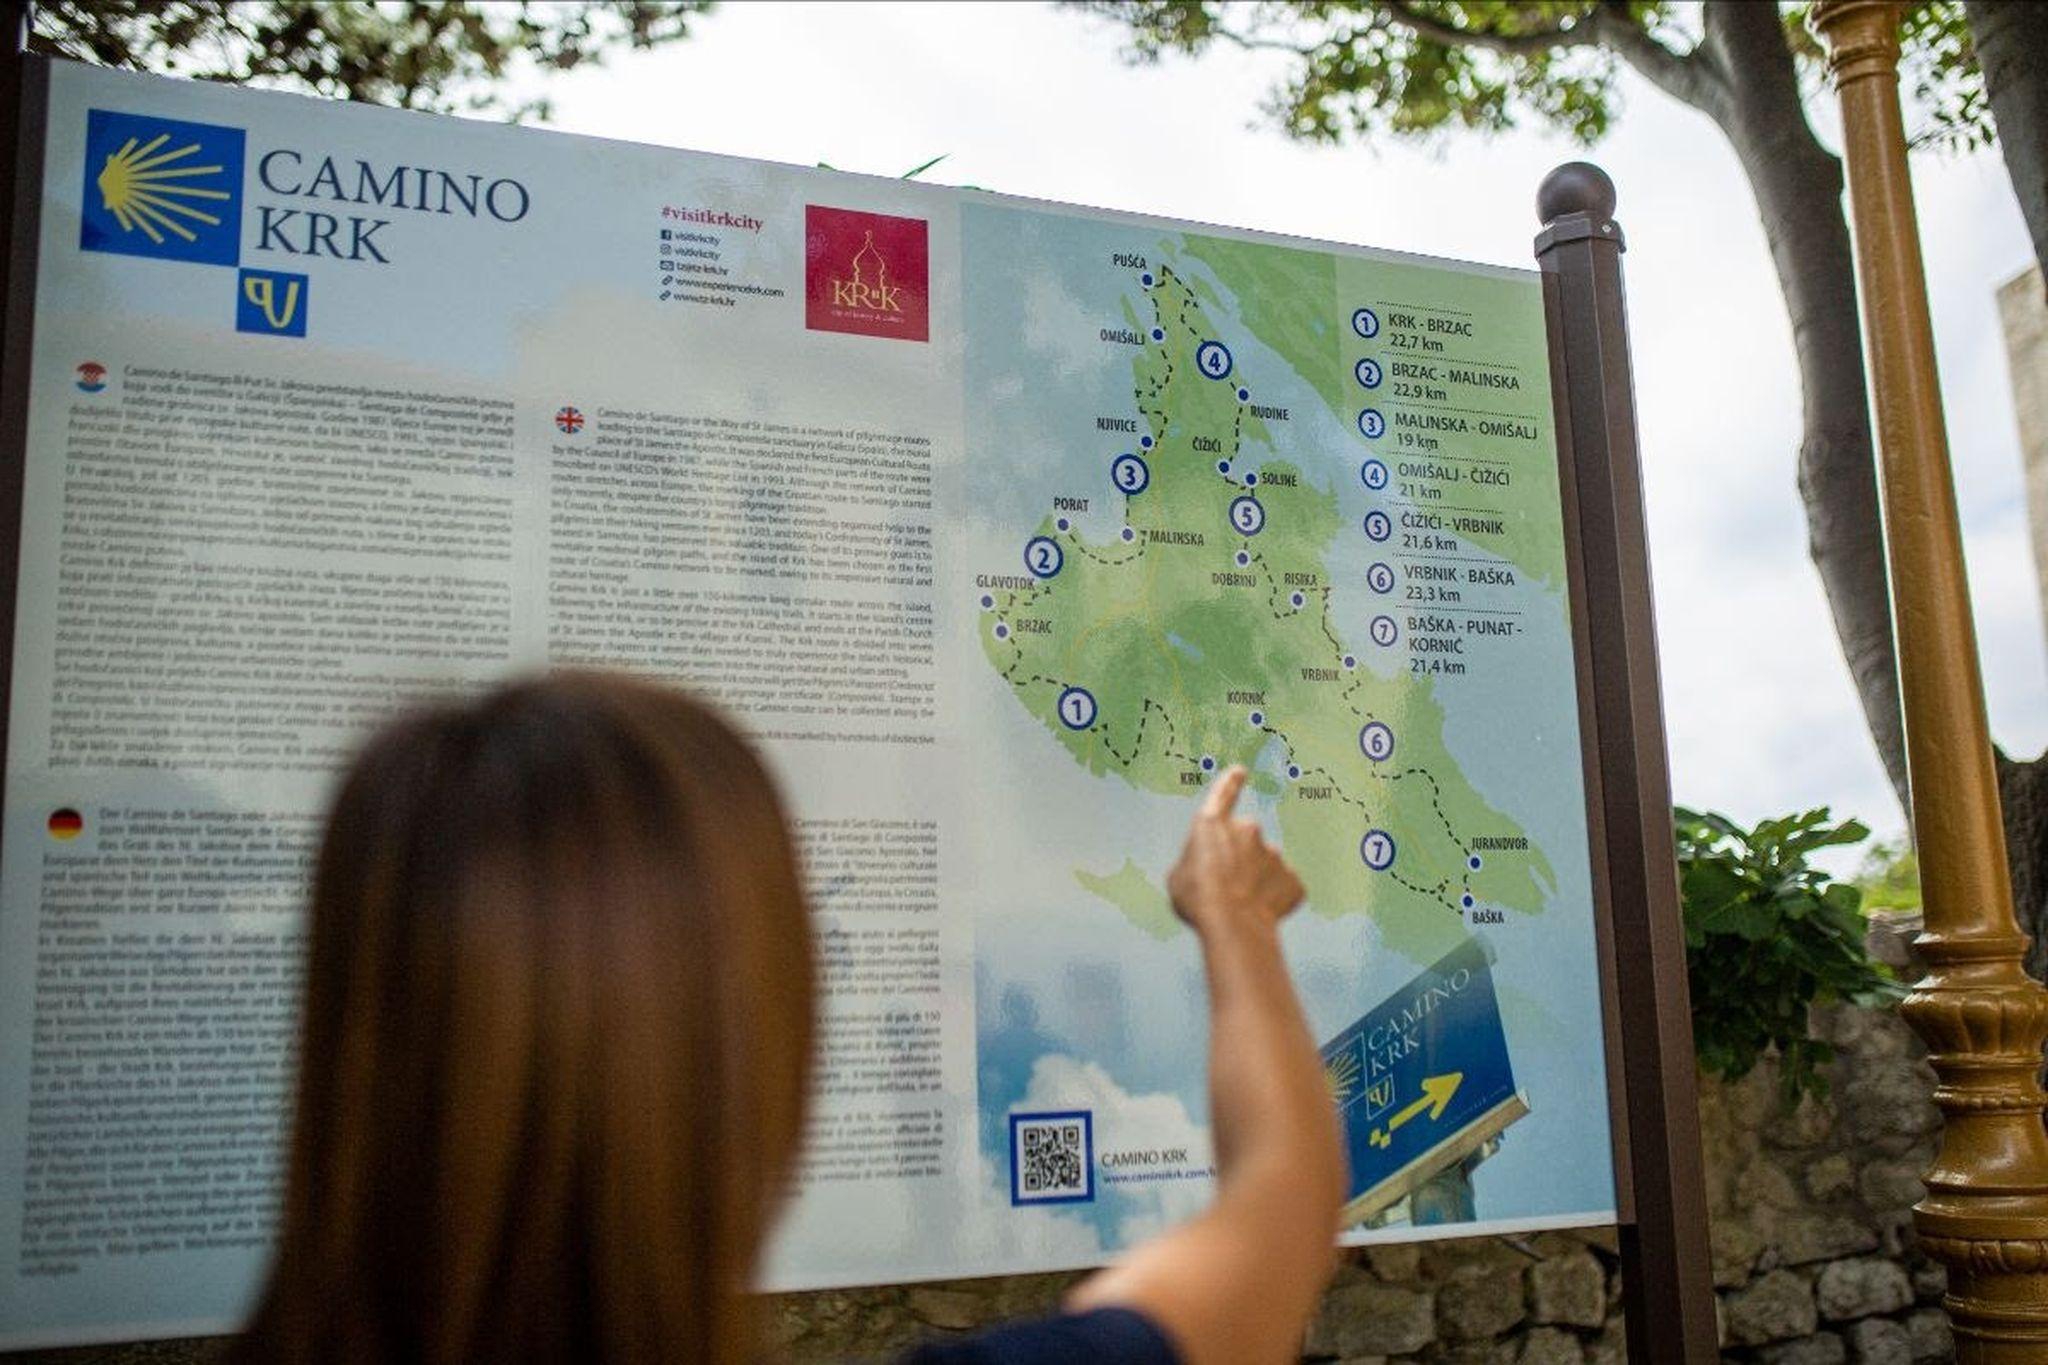 Početna točka 150 km duge krčke hodačasničke staze locirana je u parku na Kamplinu / Foto TZ KRK